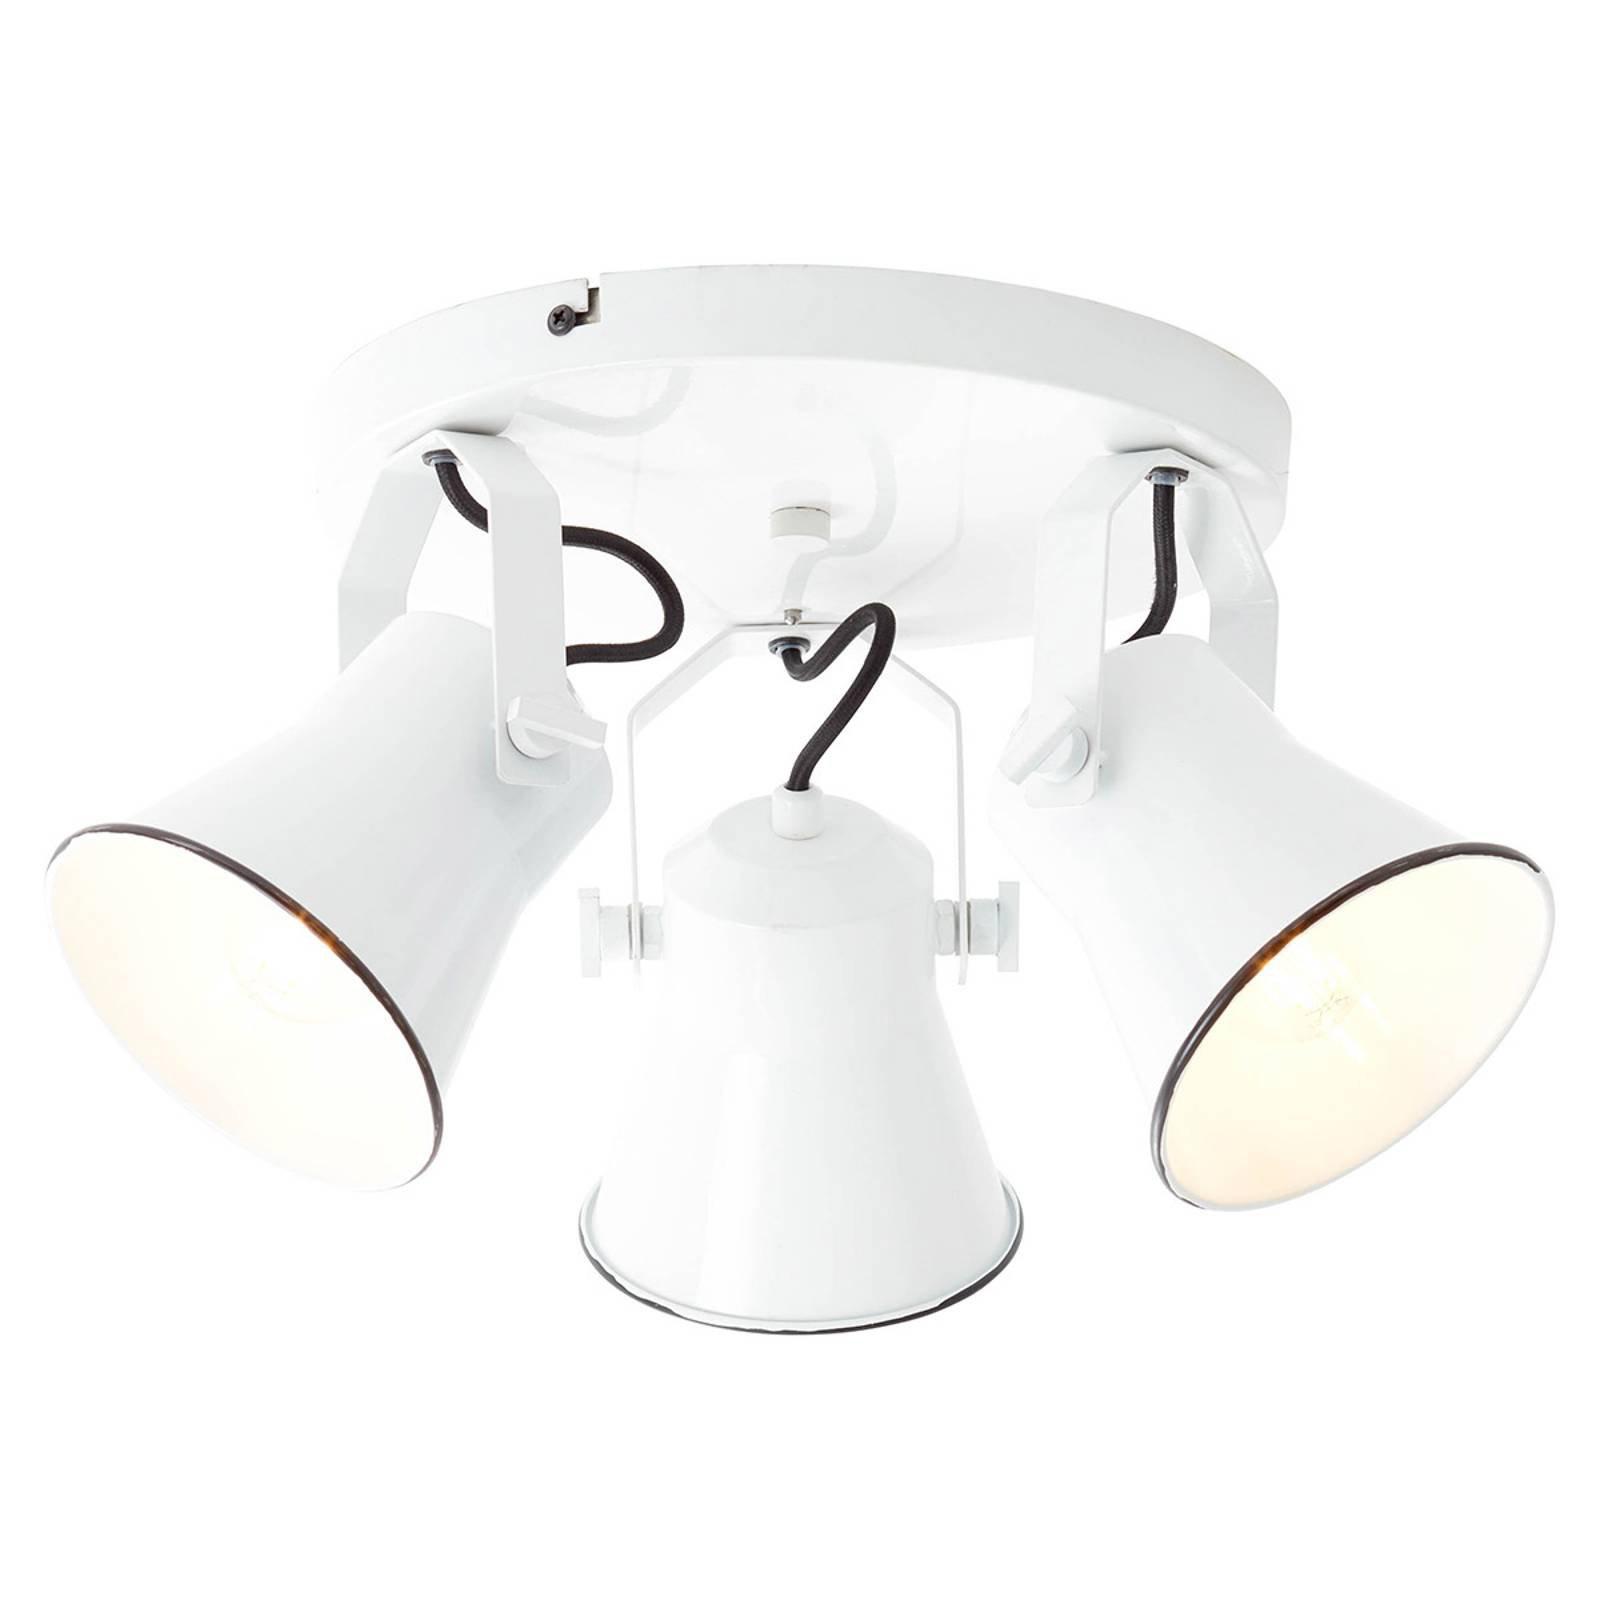 Downlight Kroft svingbart hode, 3 lyskilder